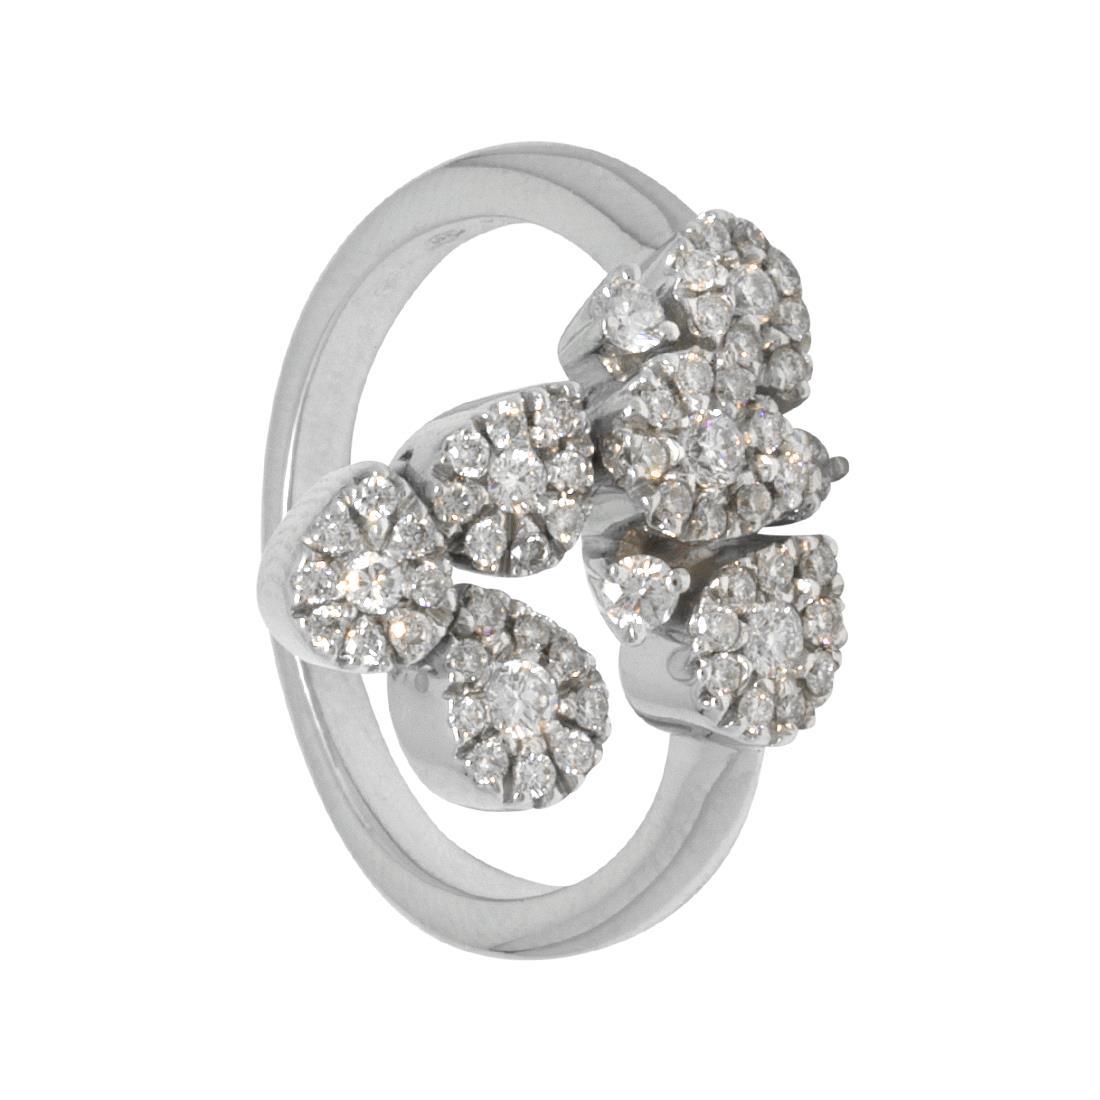 Anello in oro bianco con diamanti ct 0.45, misura 13 - ORO&CO